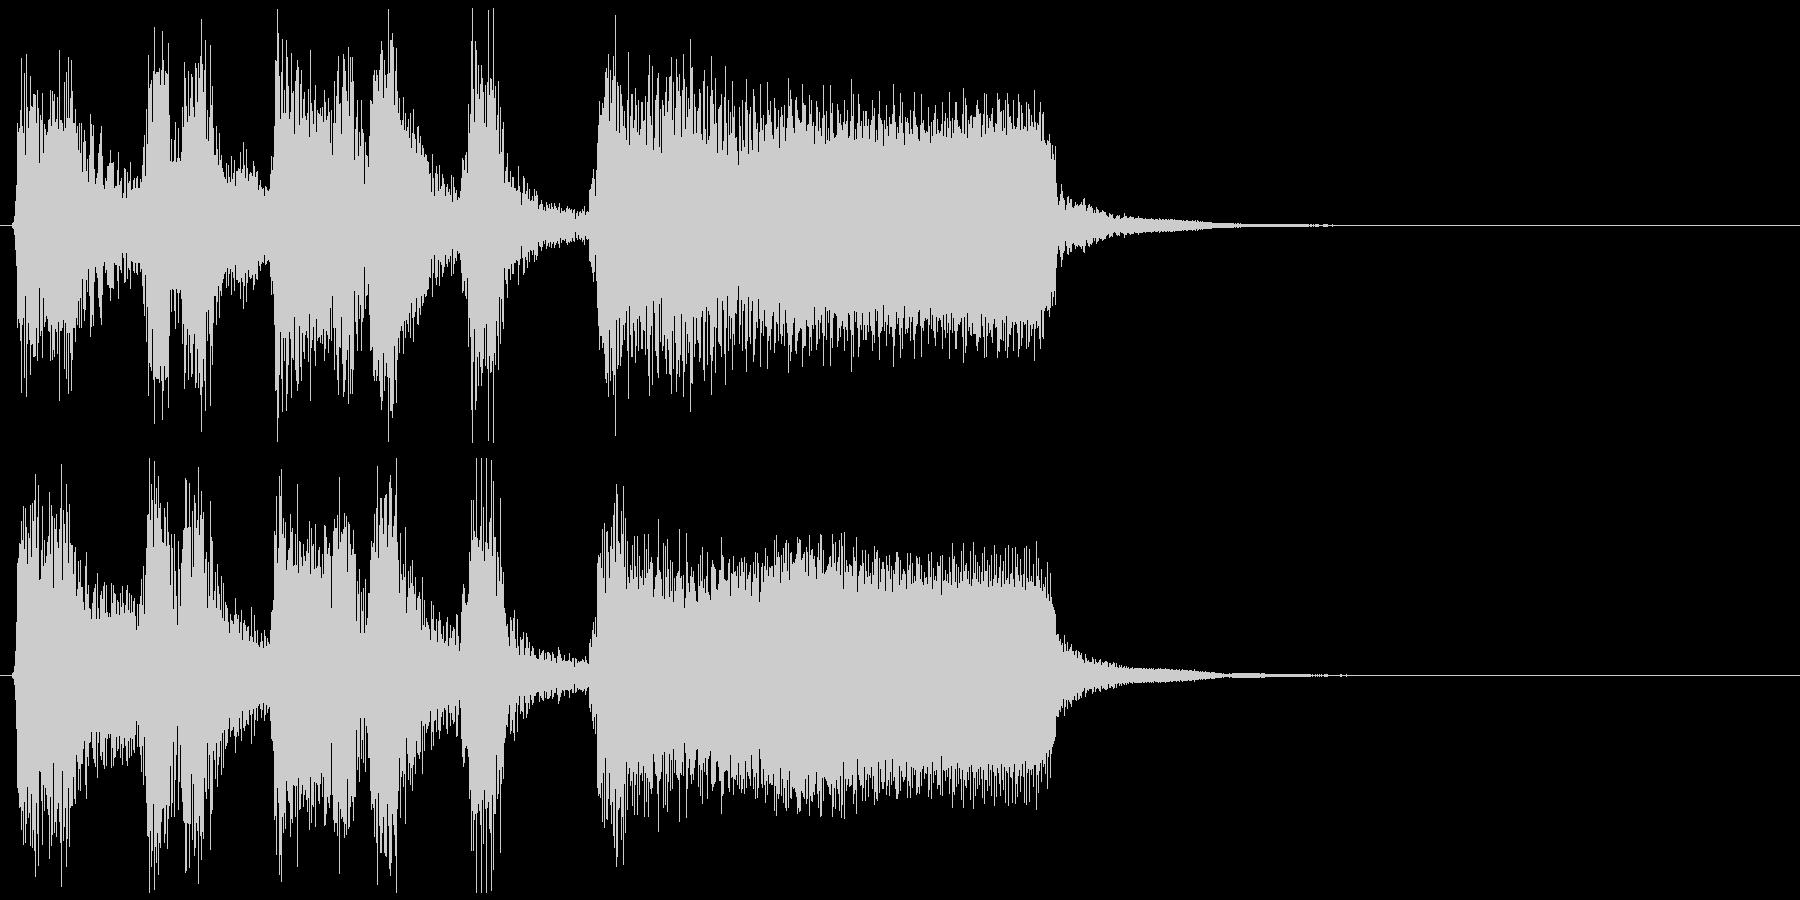 かっこいいジャズサックスのサウンドロゴの未再生の波形